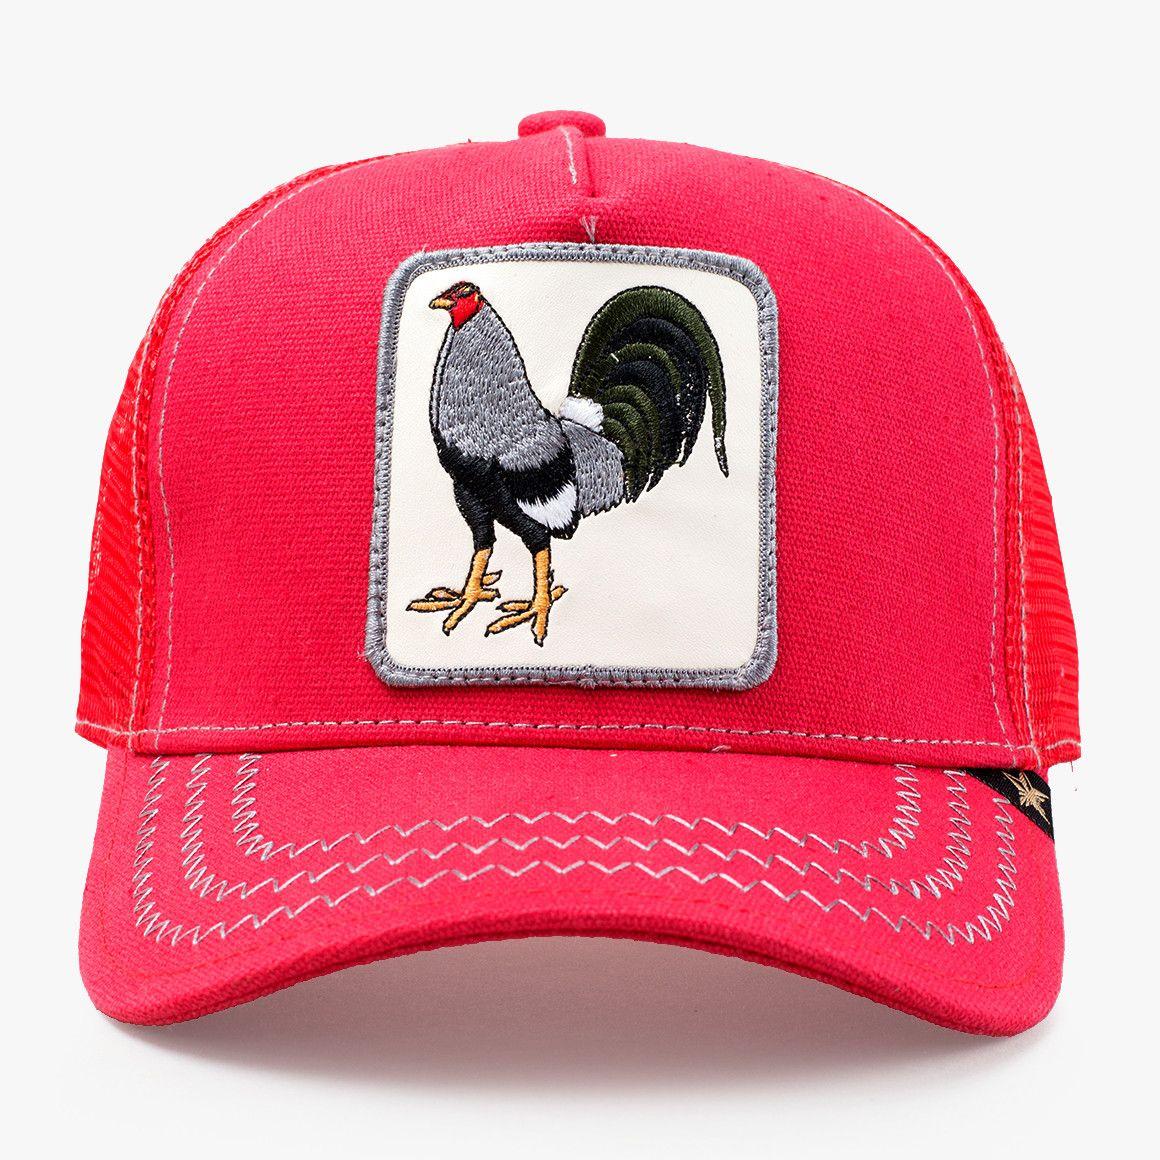 e20220dd51a477 Cock Fighting Grey & Red Trucker Hat | PIC di 2019